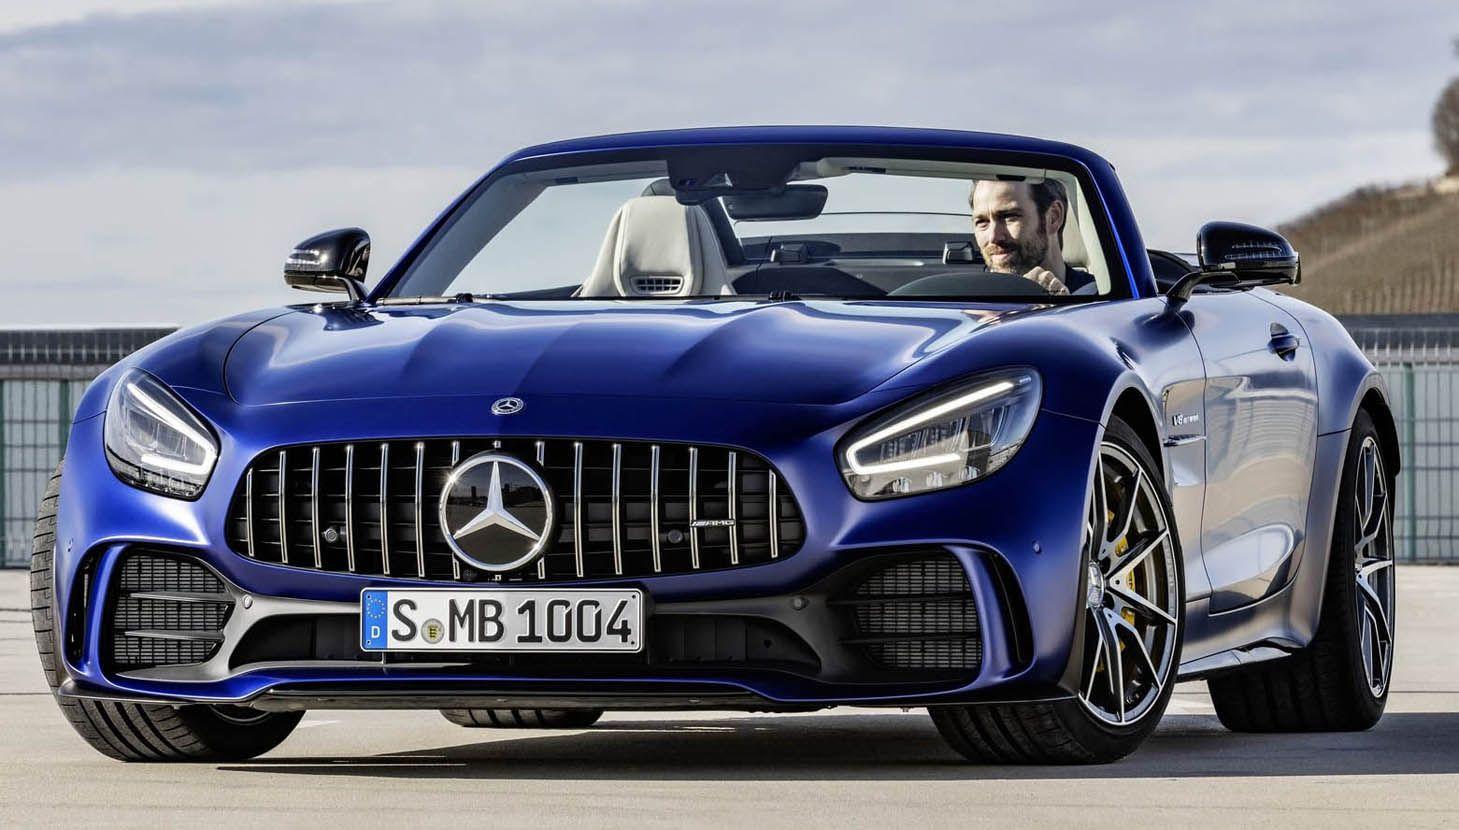 مرسيدس أي أم جي جي تي أر رودستر 2020 الجديدة كليا من أسرع سيارات المكشوفة وأجملها موقع ويلز Mercedes Amg Gt R Mercedes Amg New Mercedes Amg